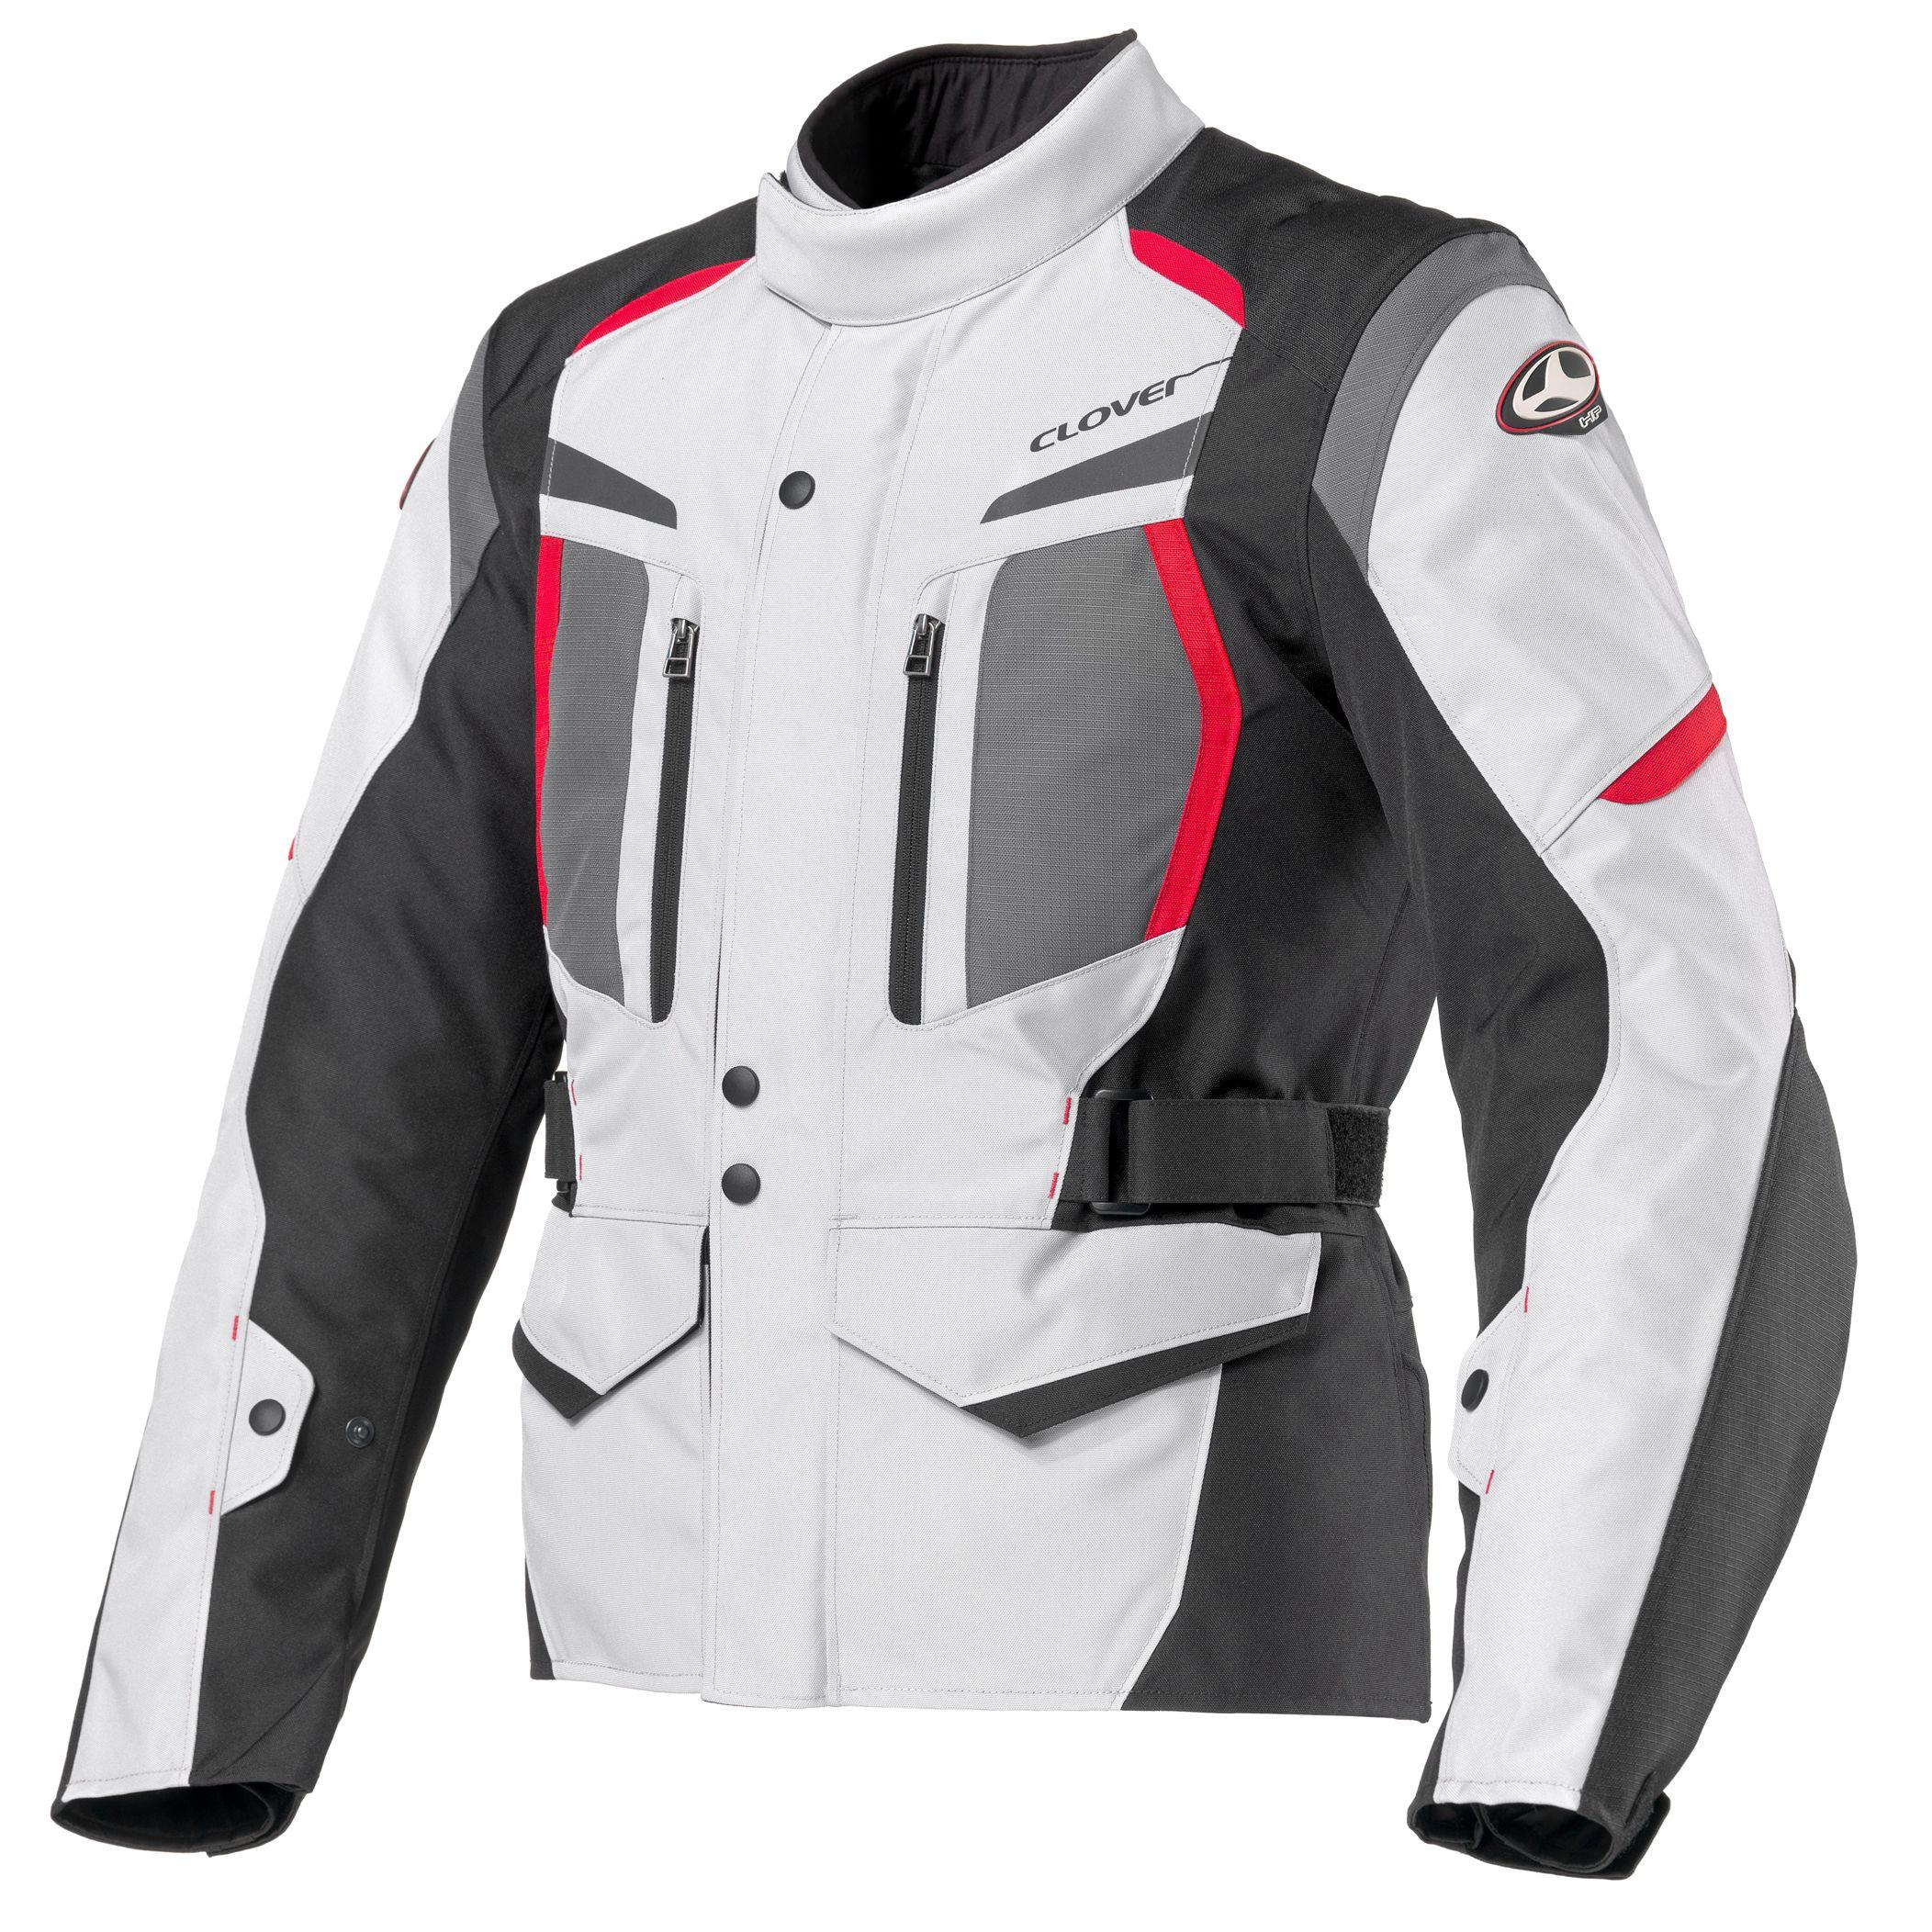 Equipement motard et vêtements moto Clover